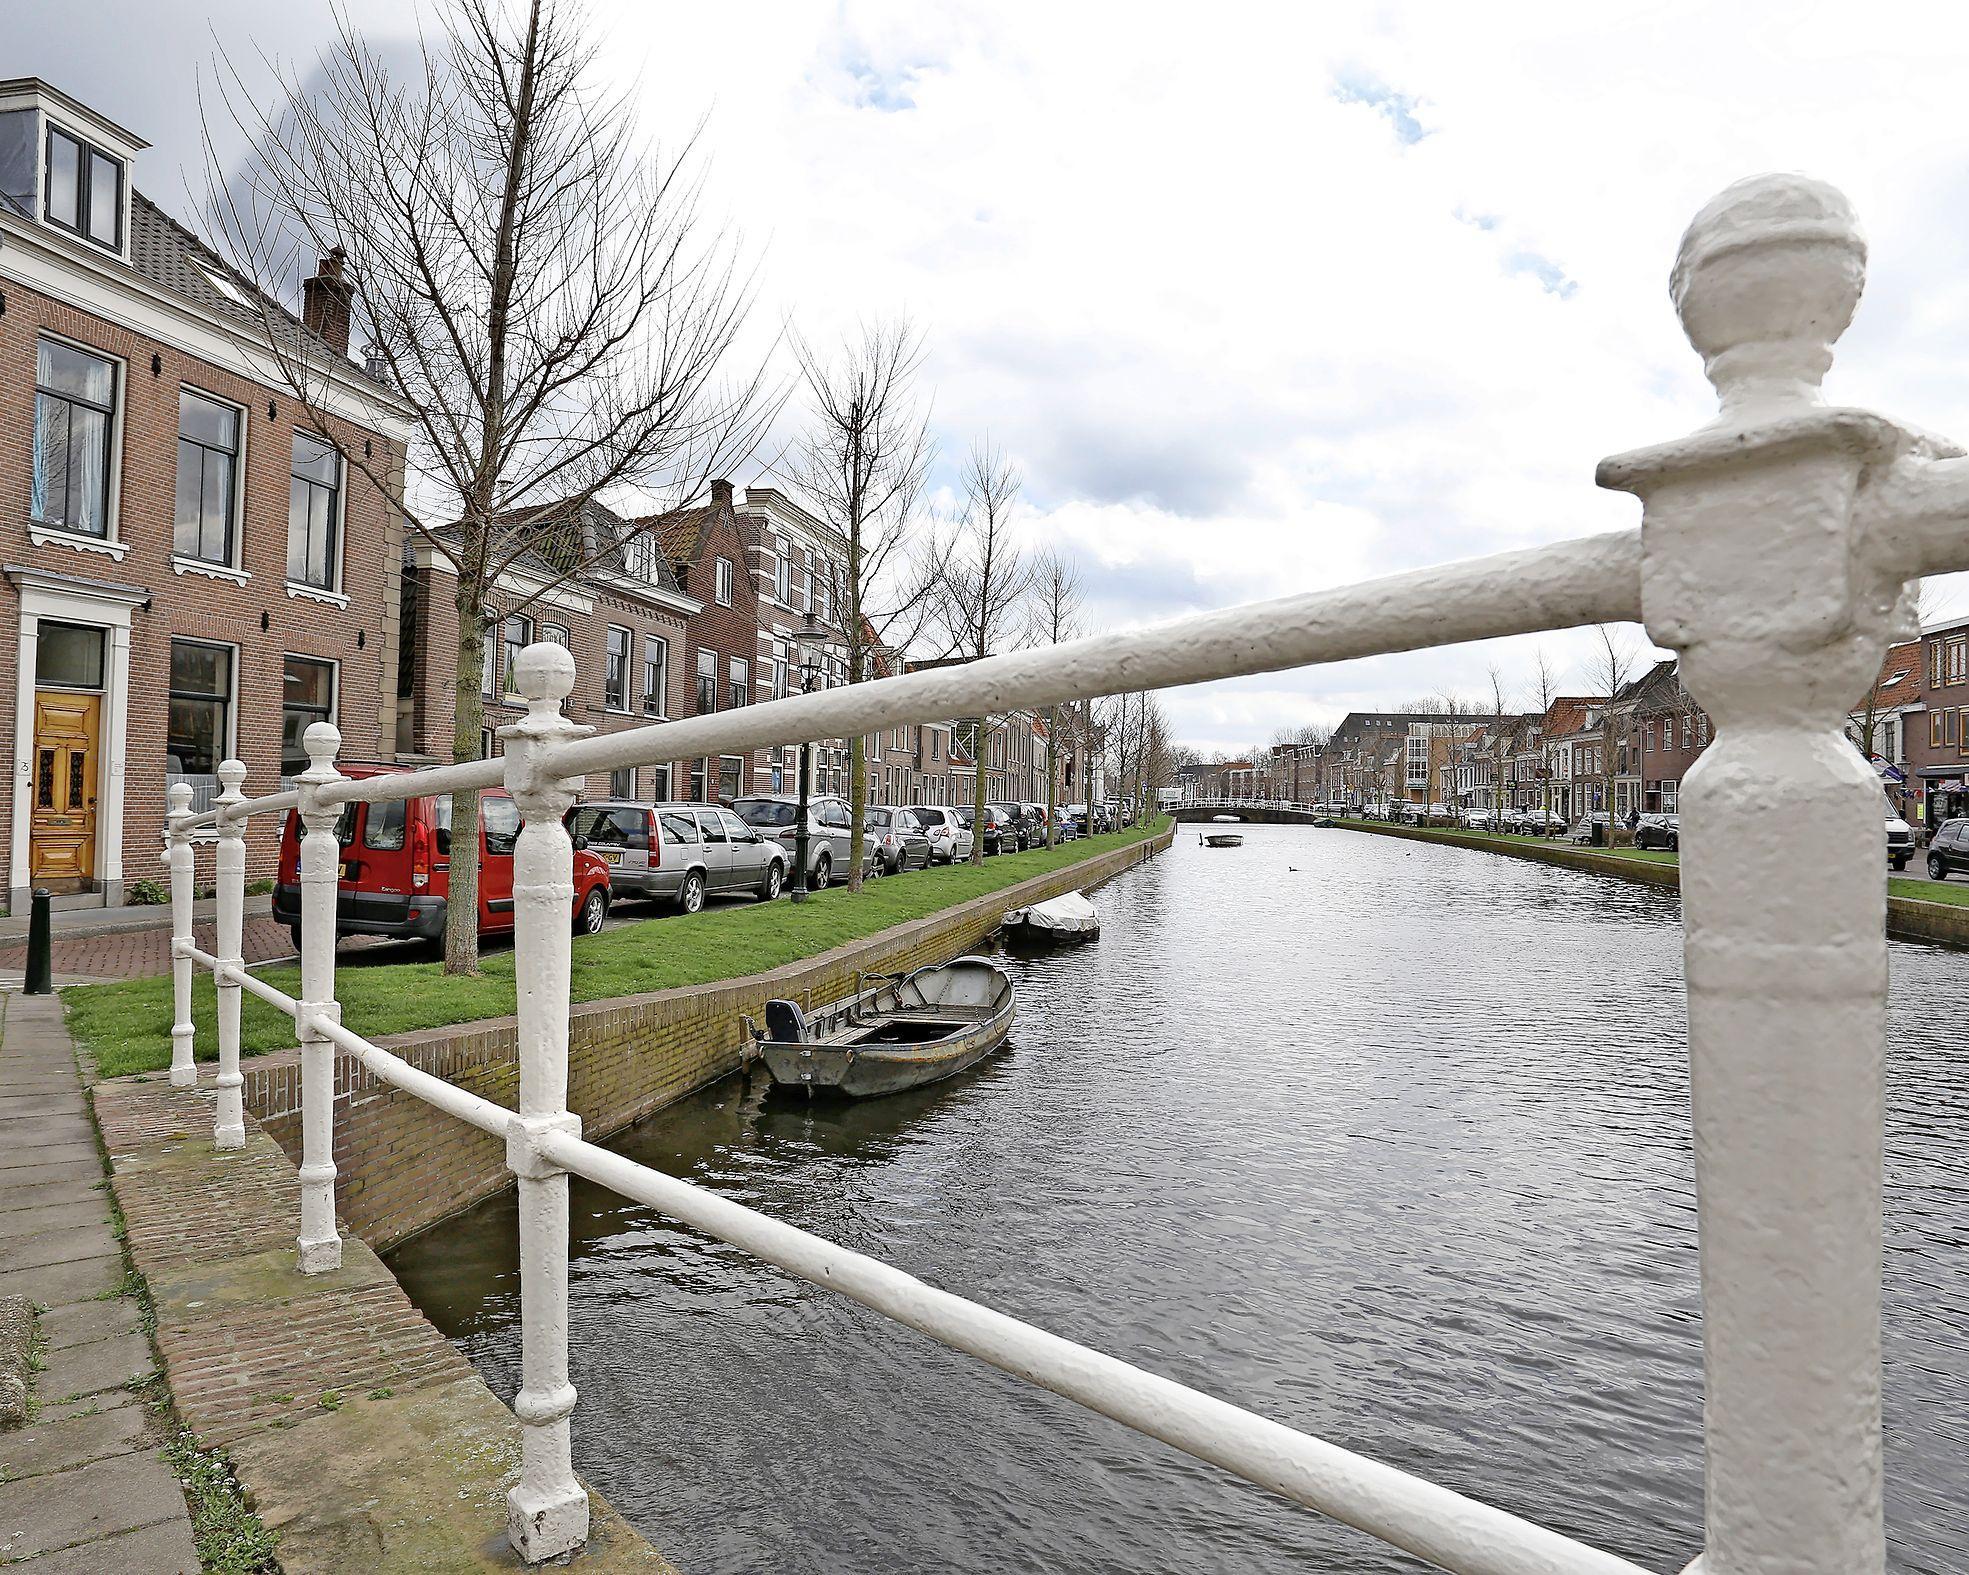 Moegestreden Stichting Bewonersbelangen Weesp staakt het werk voor inspraak inwoners: 'Coalitiepartijen zijn jaknikkers' en 'Wij zijn minachting van gemeentebestuur beu'